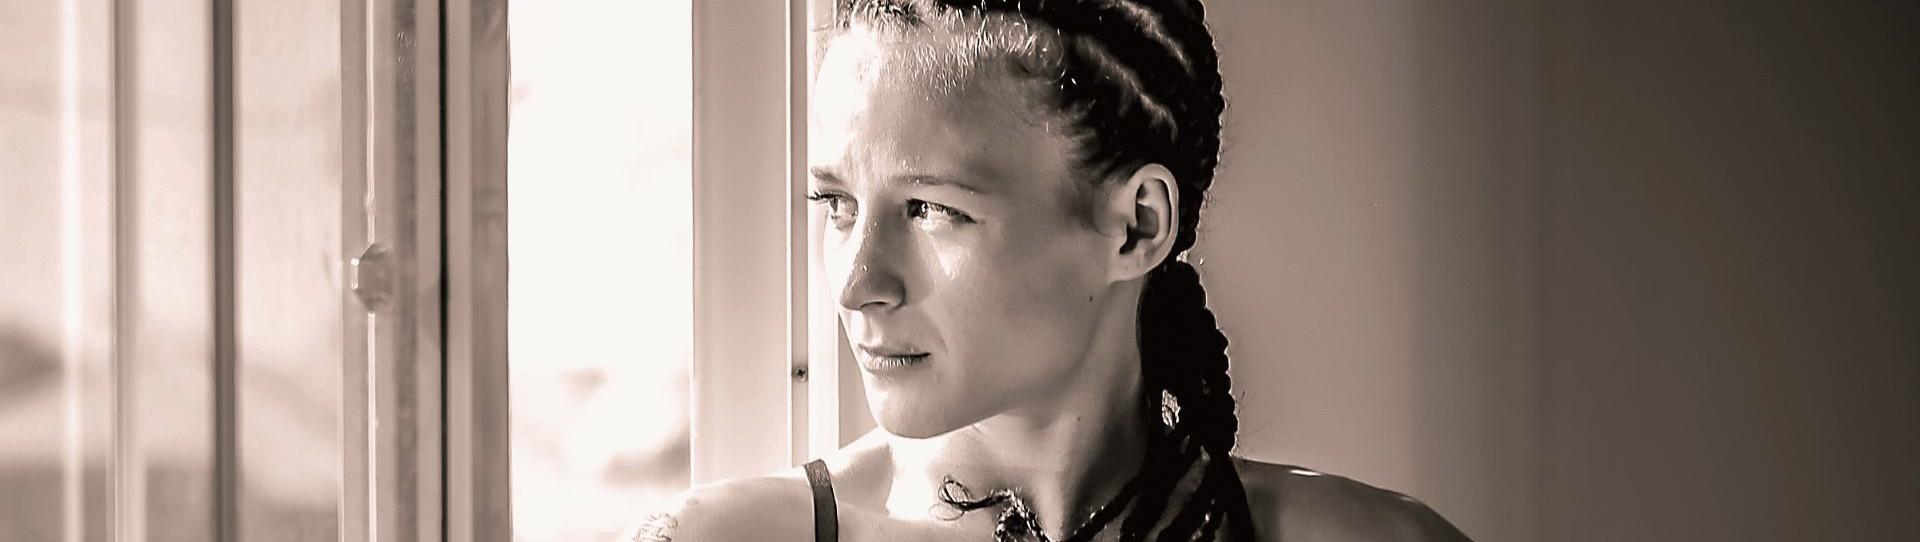 VIŠESTRUKA PRVAKINJA HRVATSKE Marija Malenica: 'U borbe me vuče neka jaka sila, iako ponekad mislim da ne pripadam tom svijetu'